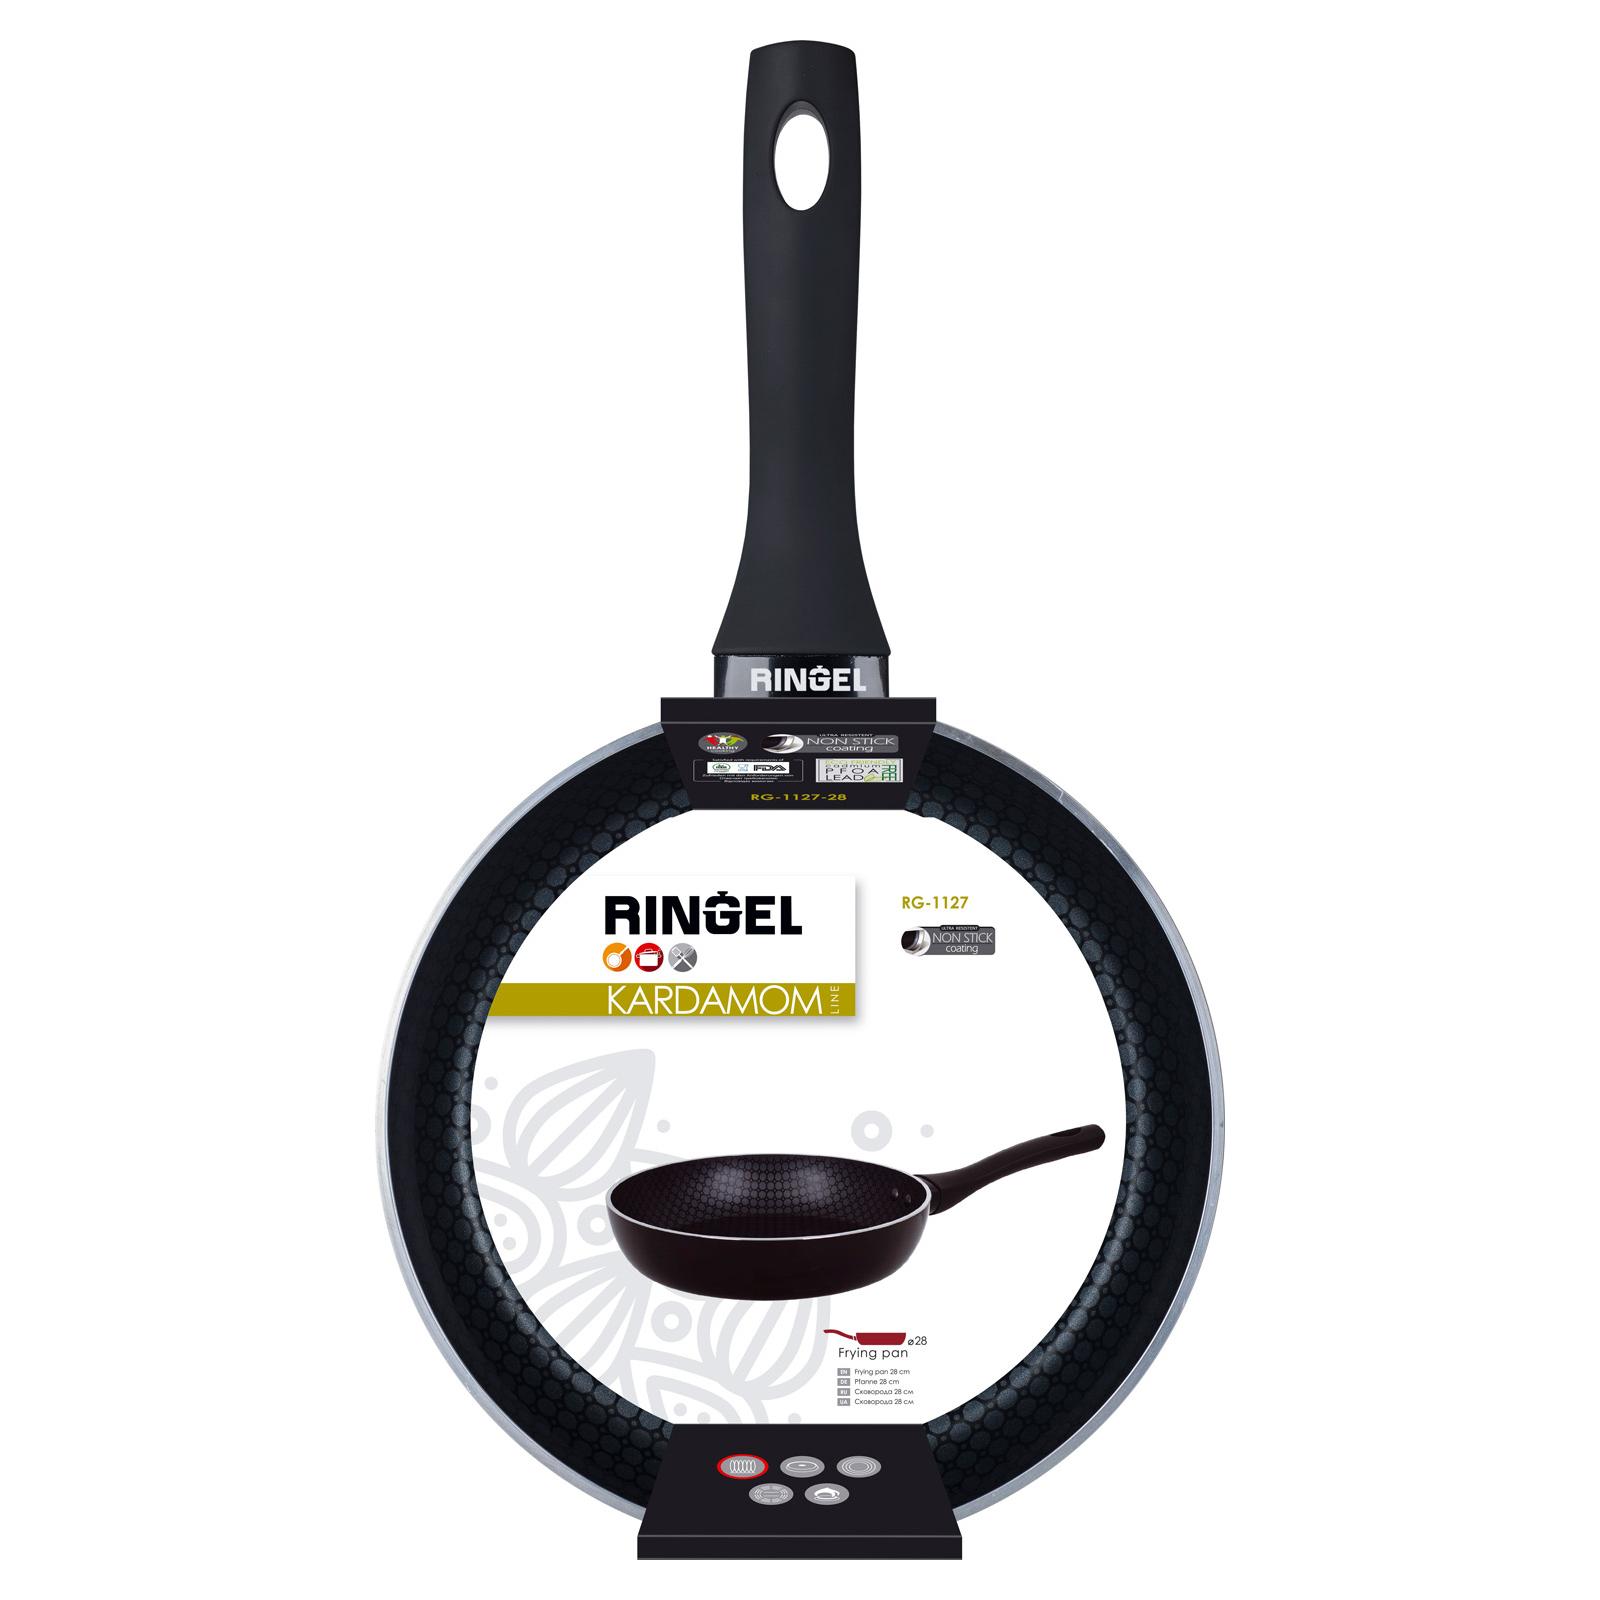 Сковорода Ringel Kardamom 28 см (RG-1127-28) изображение 4